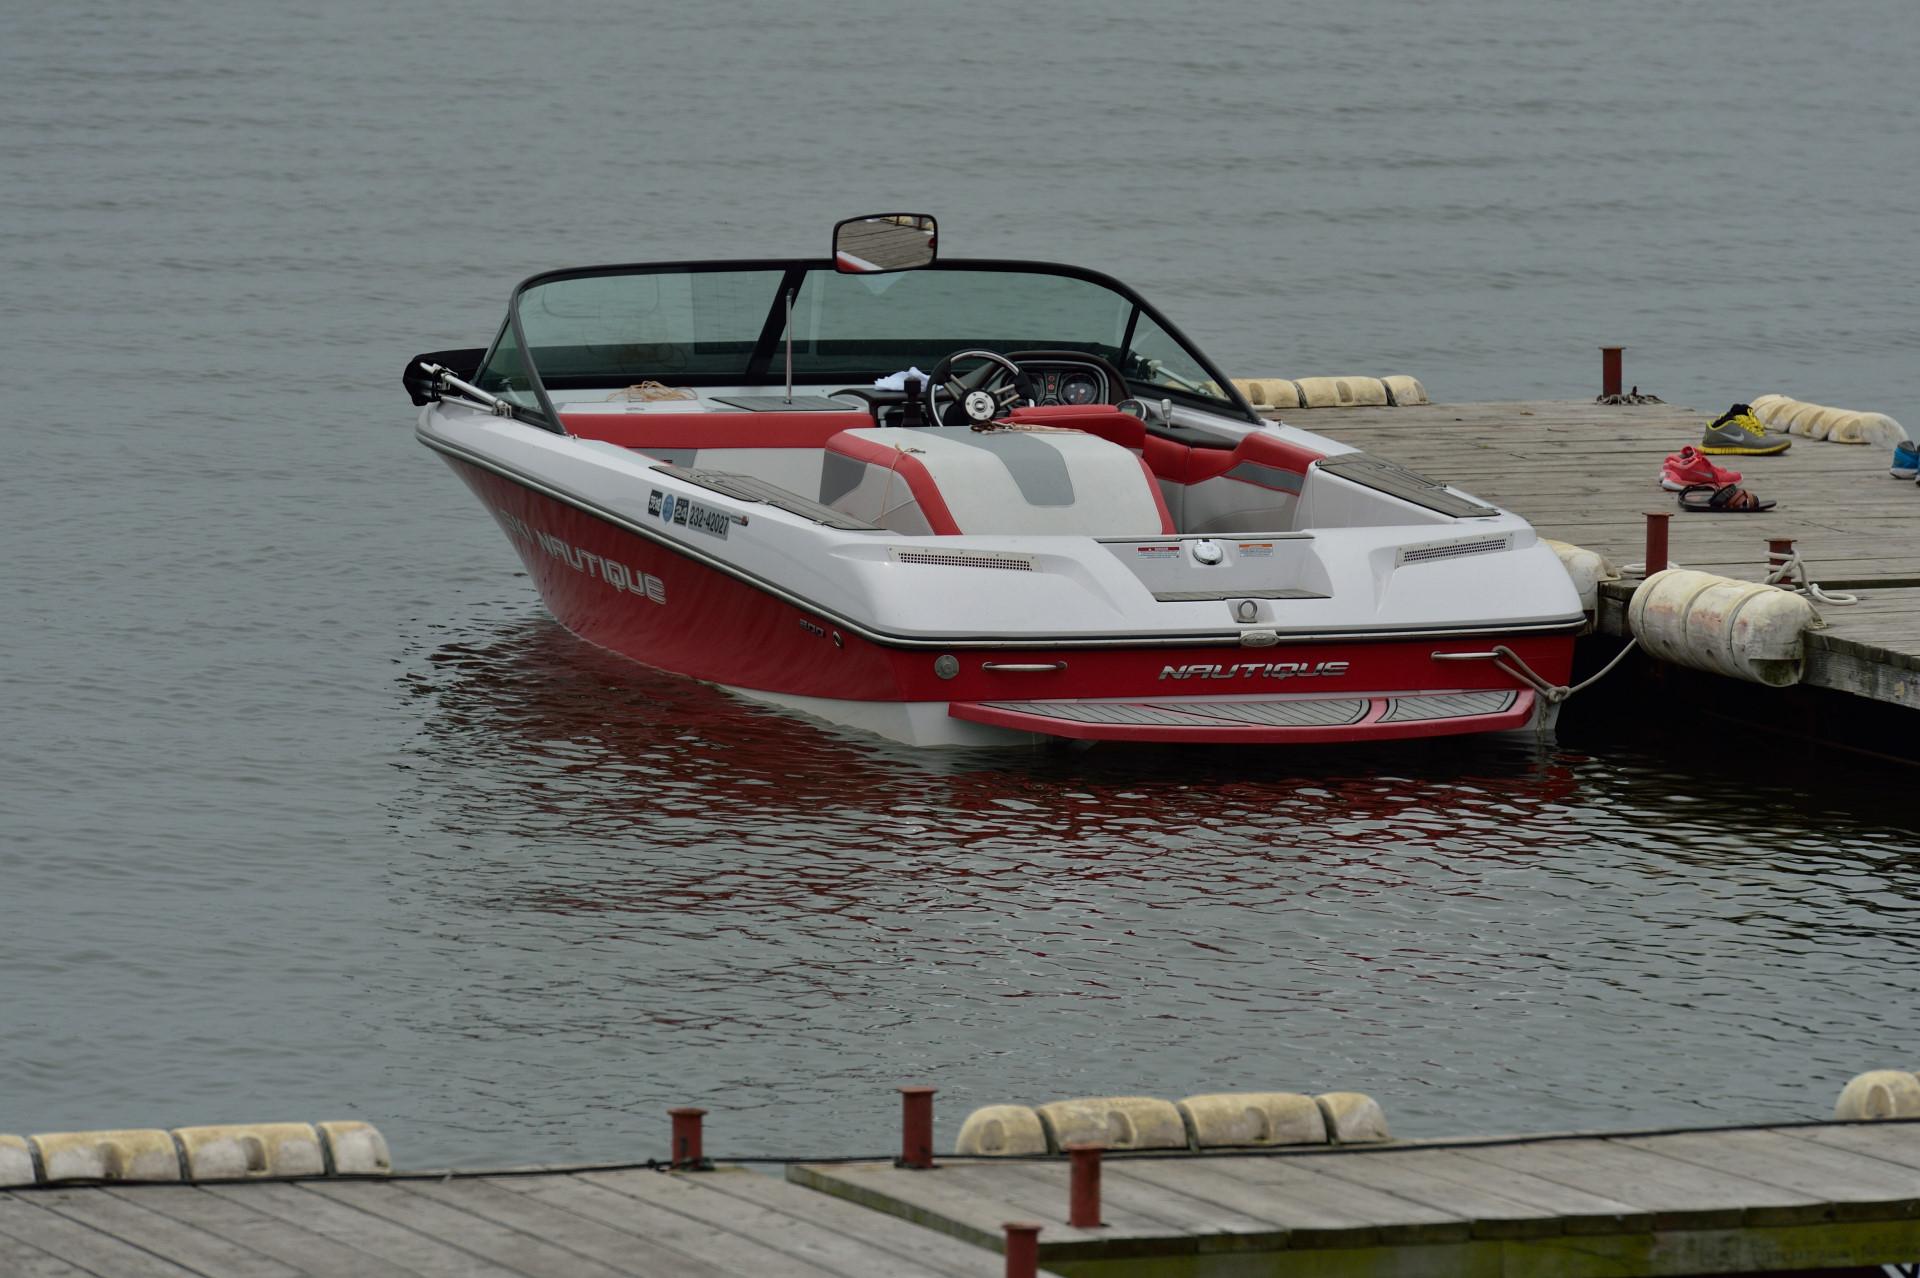 赤の競技用ボート